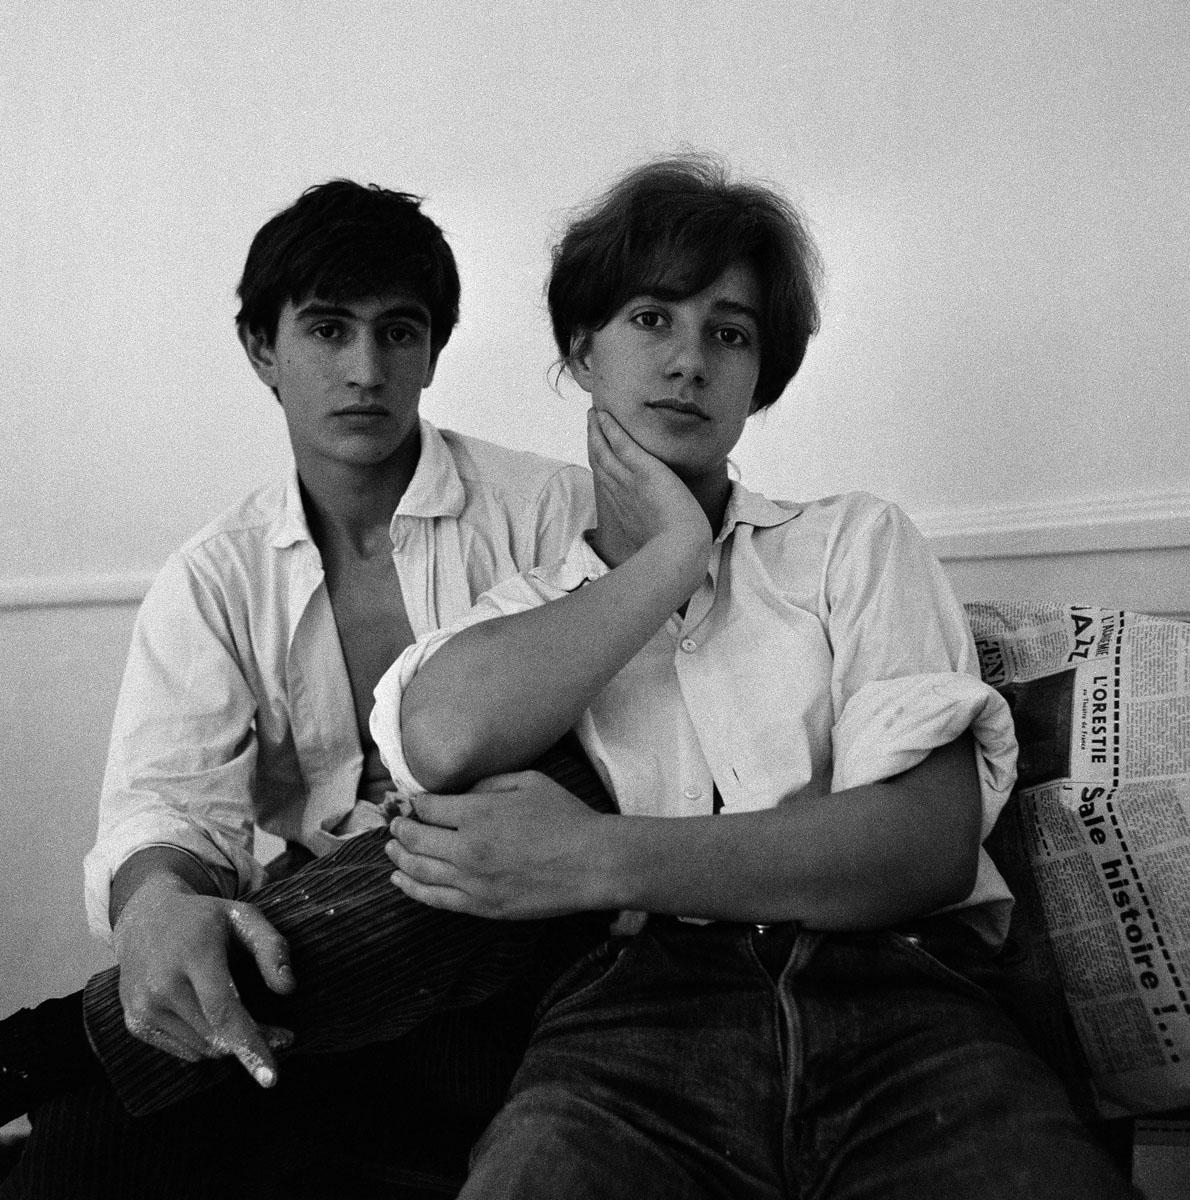 La photographie montre un jeune couple en chemises blanches.